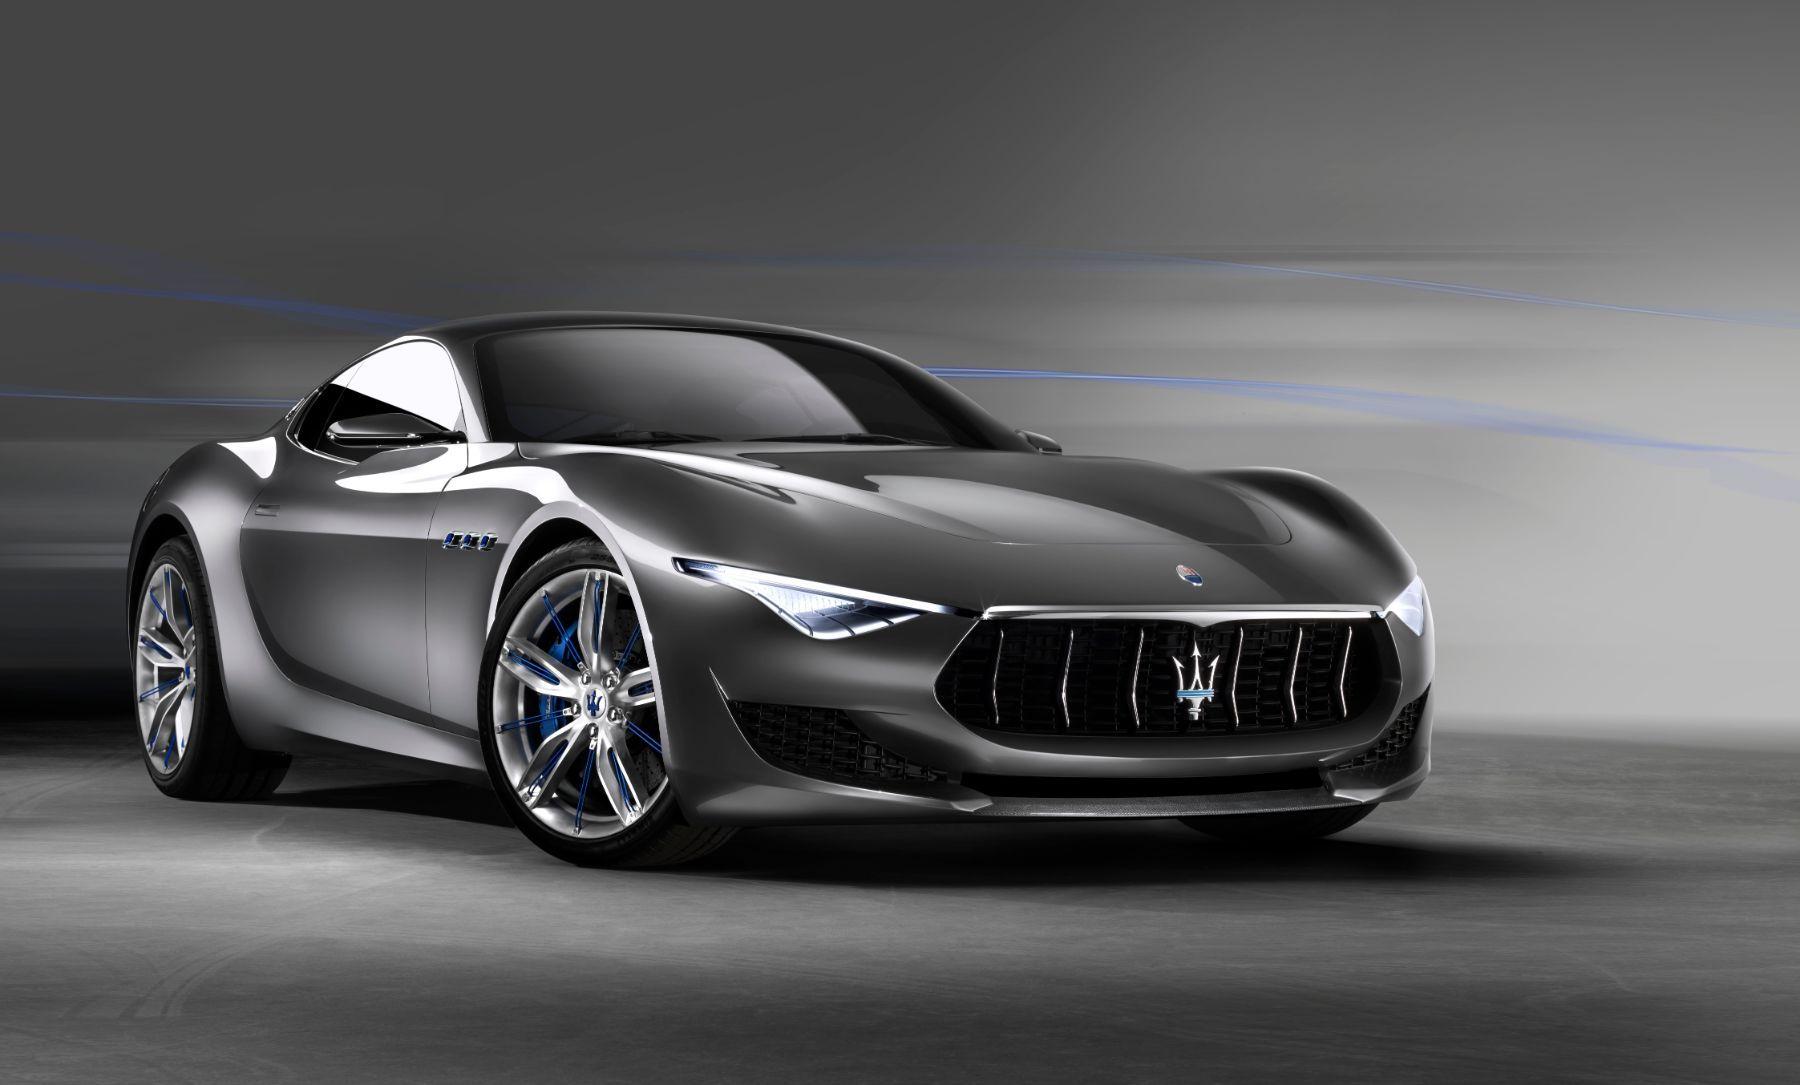 2021 Maserati GranTurismo: What We Know So Far